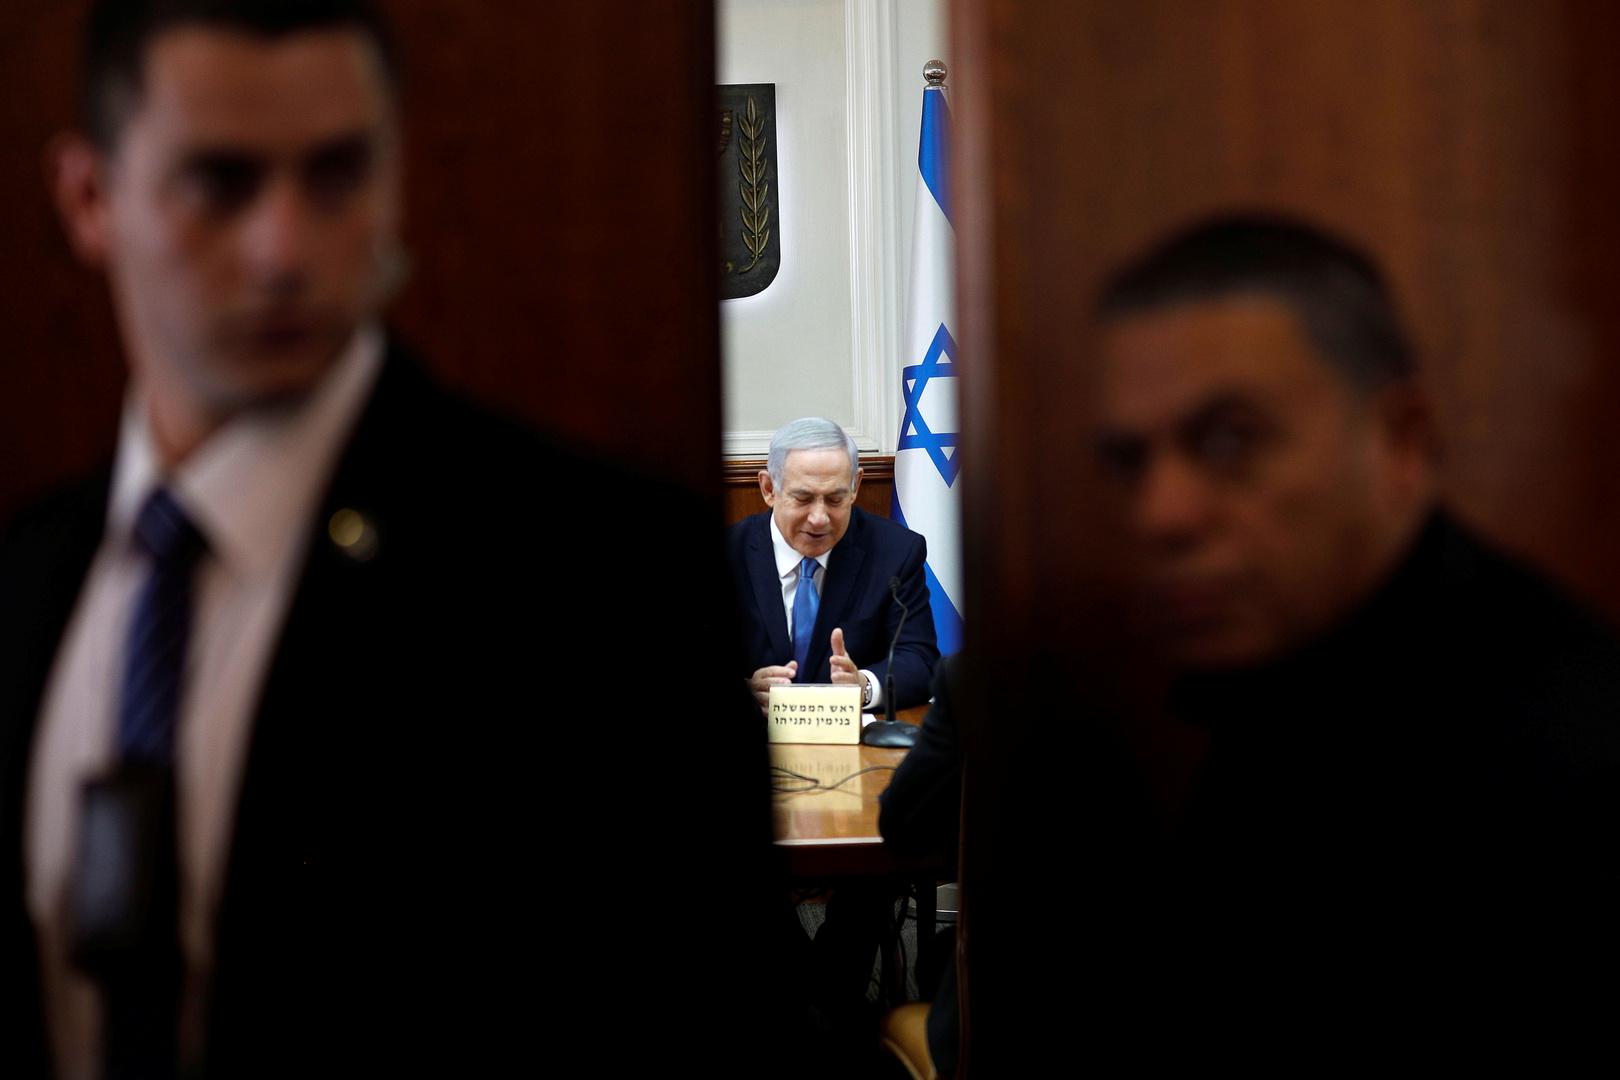 مسؤول إسرائيلي: لا تفاوض حاليا على وقف إطلاق النار في غزة